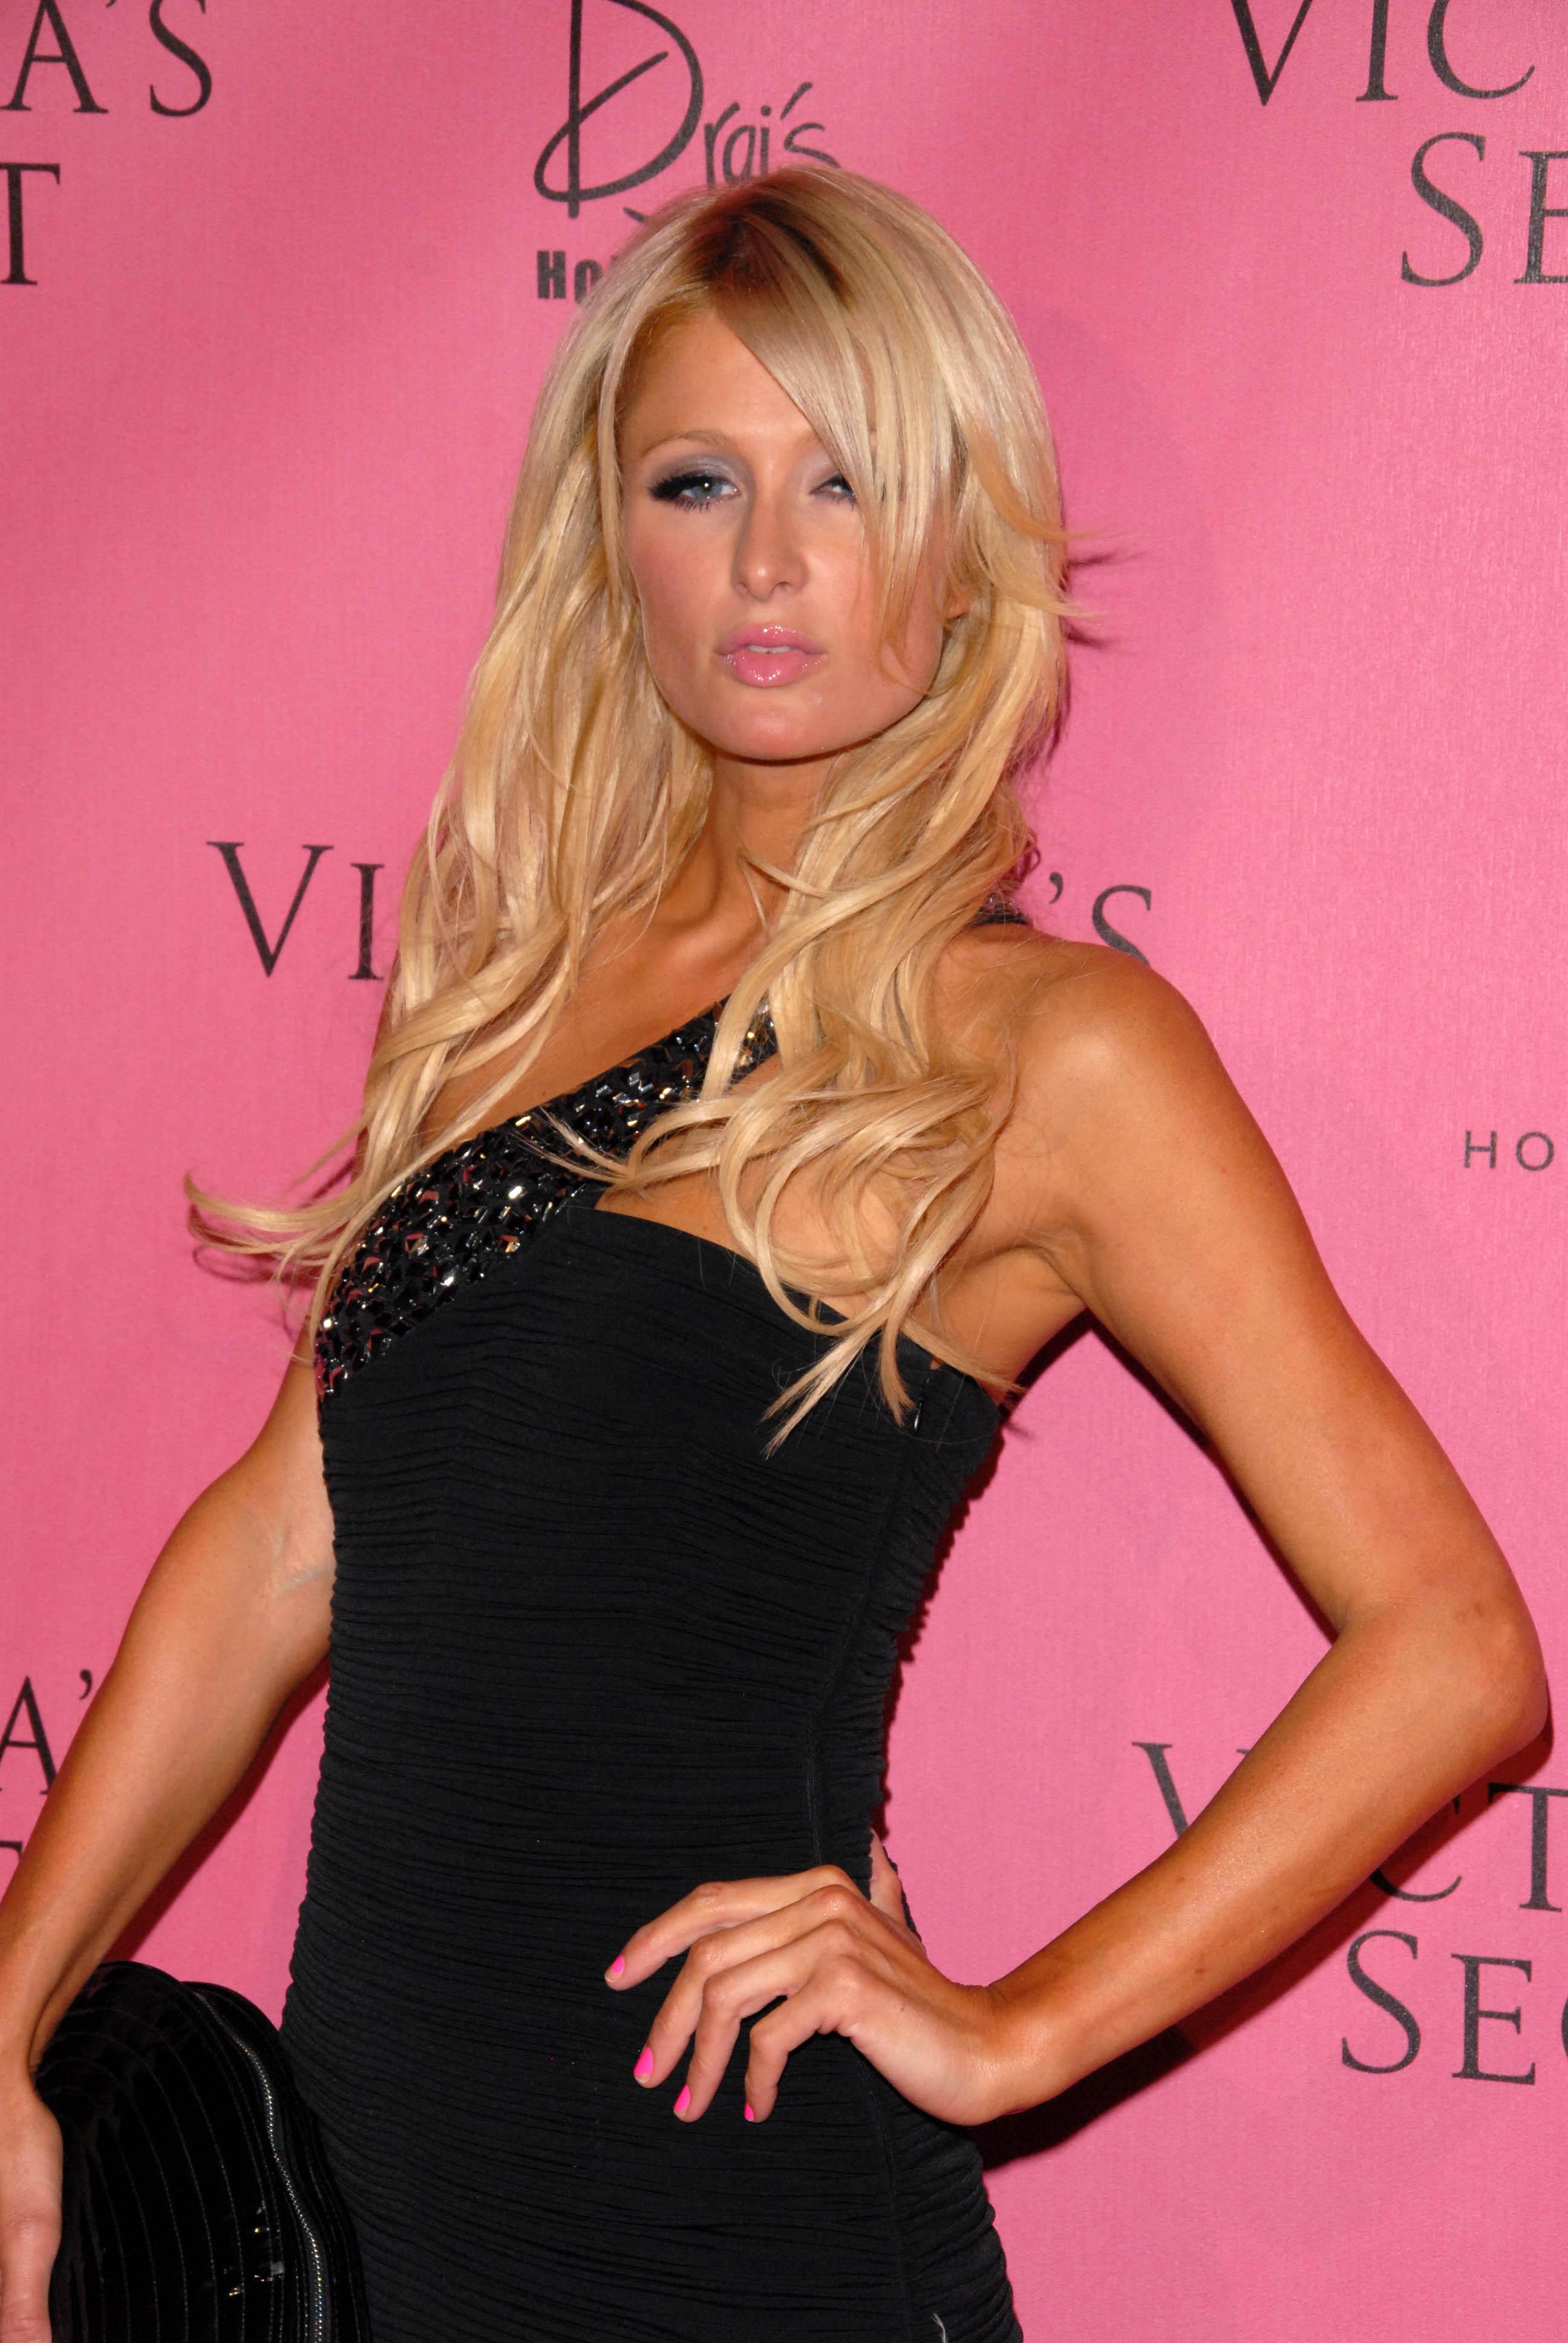 Paris Hilton 2010 : paris-hilton-at-victorias-secret-5th-annual-what-is-sexy-event-17